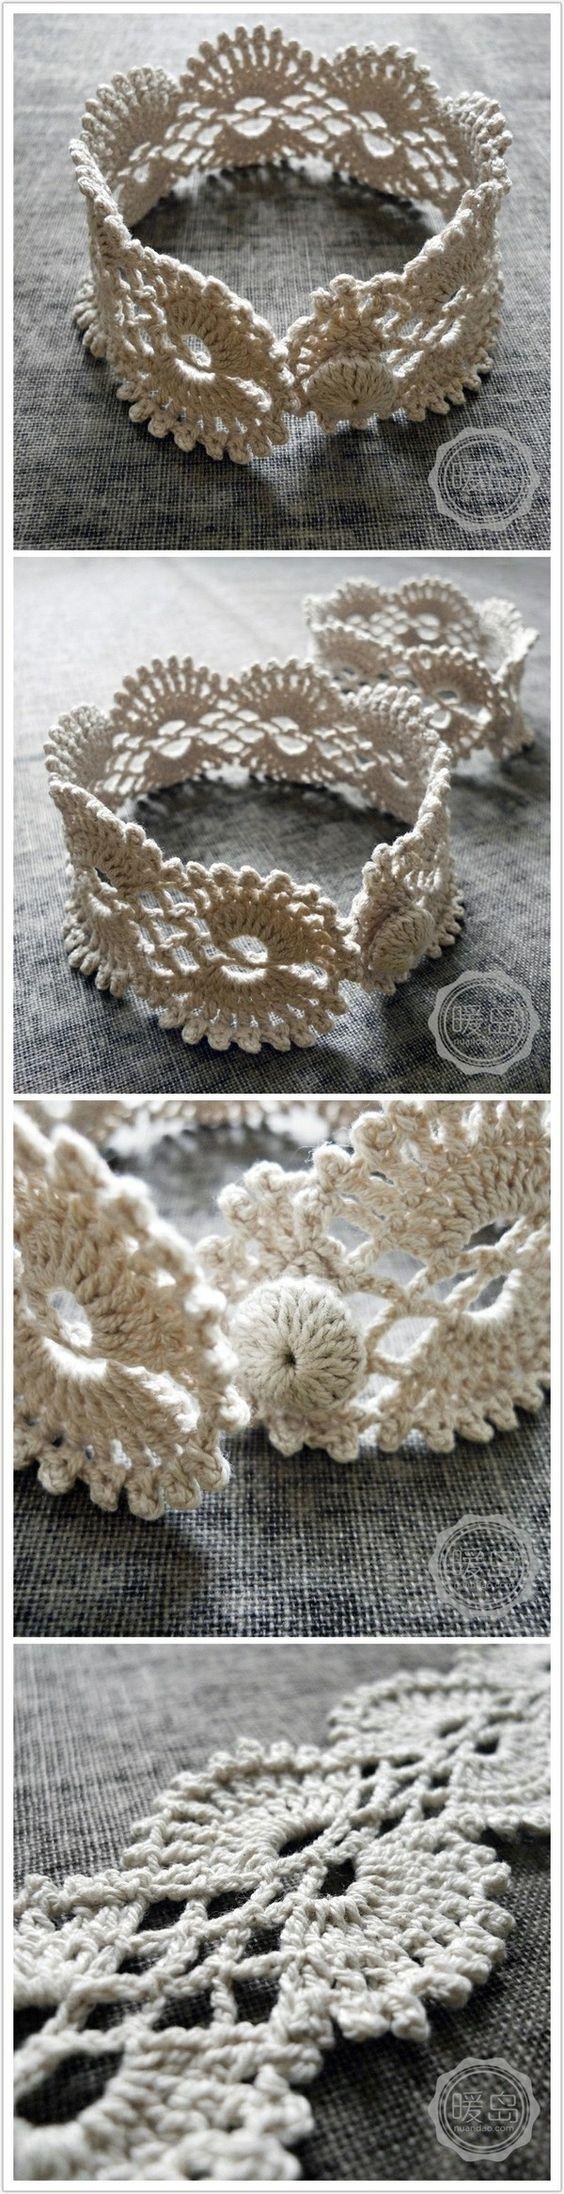 Christina Crochet Passion: Crochet bracelet